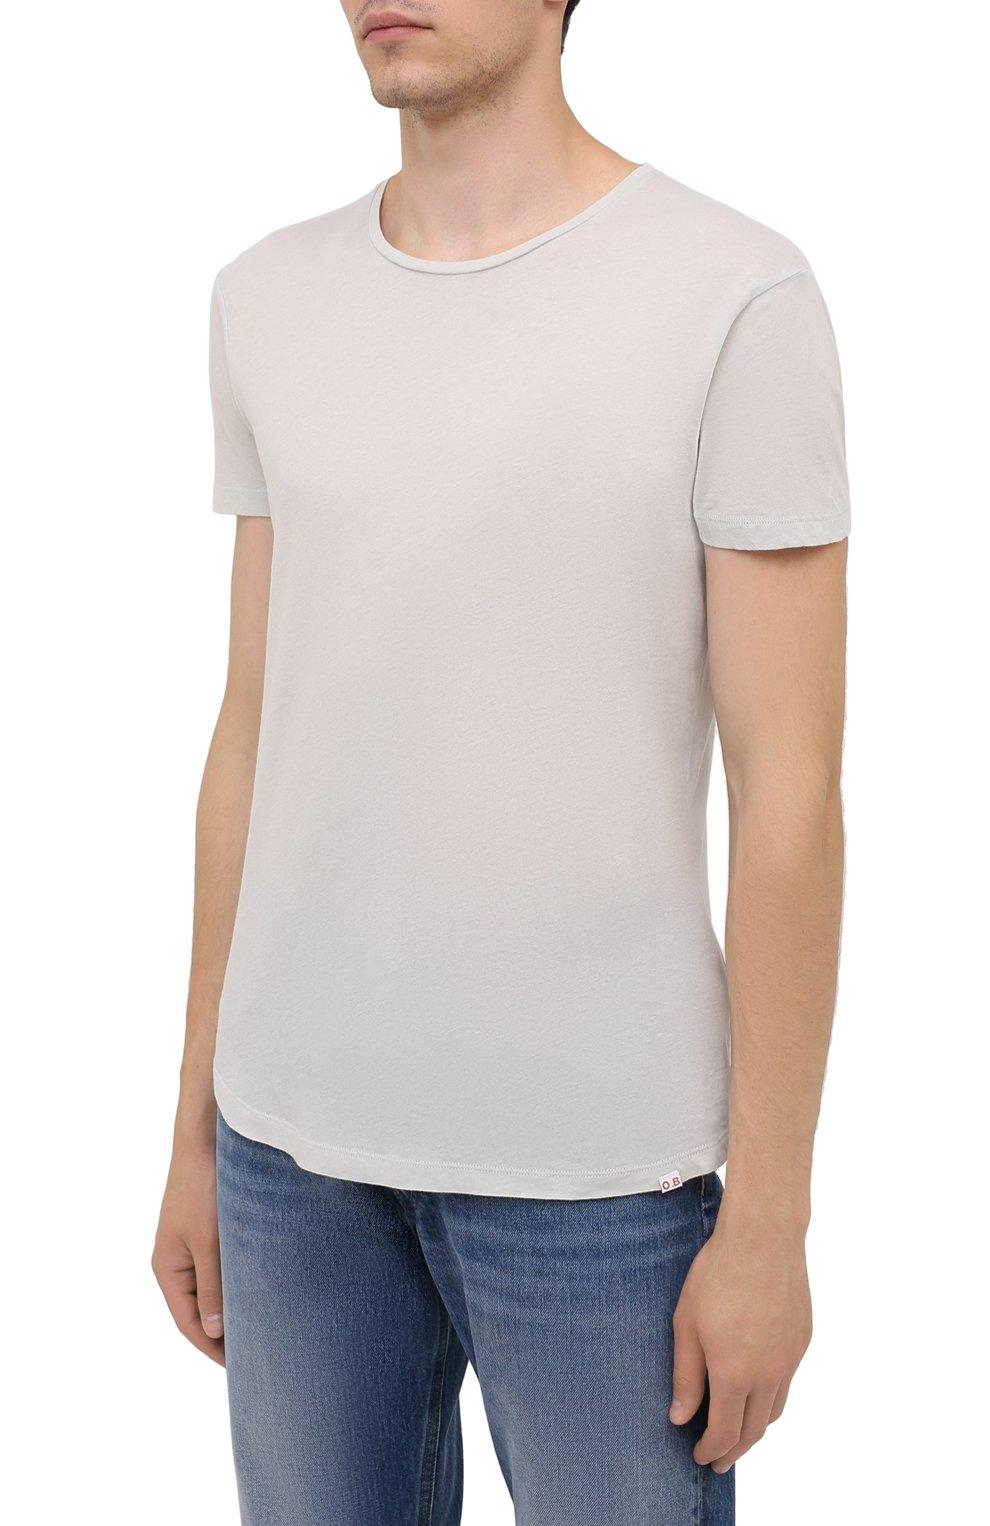 Мужская хлопковая футболка ORLEBAR BROWN светло-серого цвета, арт. 273688   Фото 3 (Кросс-КТ: Пляж; Принт: Без принта; Рукава: Короткие; Длина (для топов): Стандартные; Материал внешний: Хлопок; Стили: Кэжуэл)